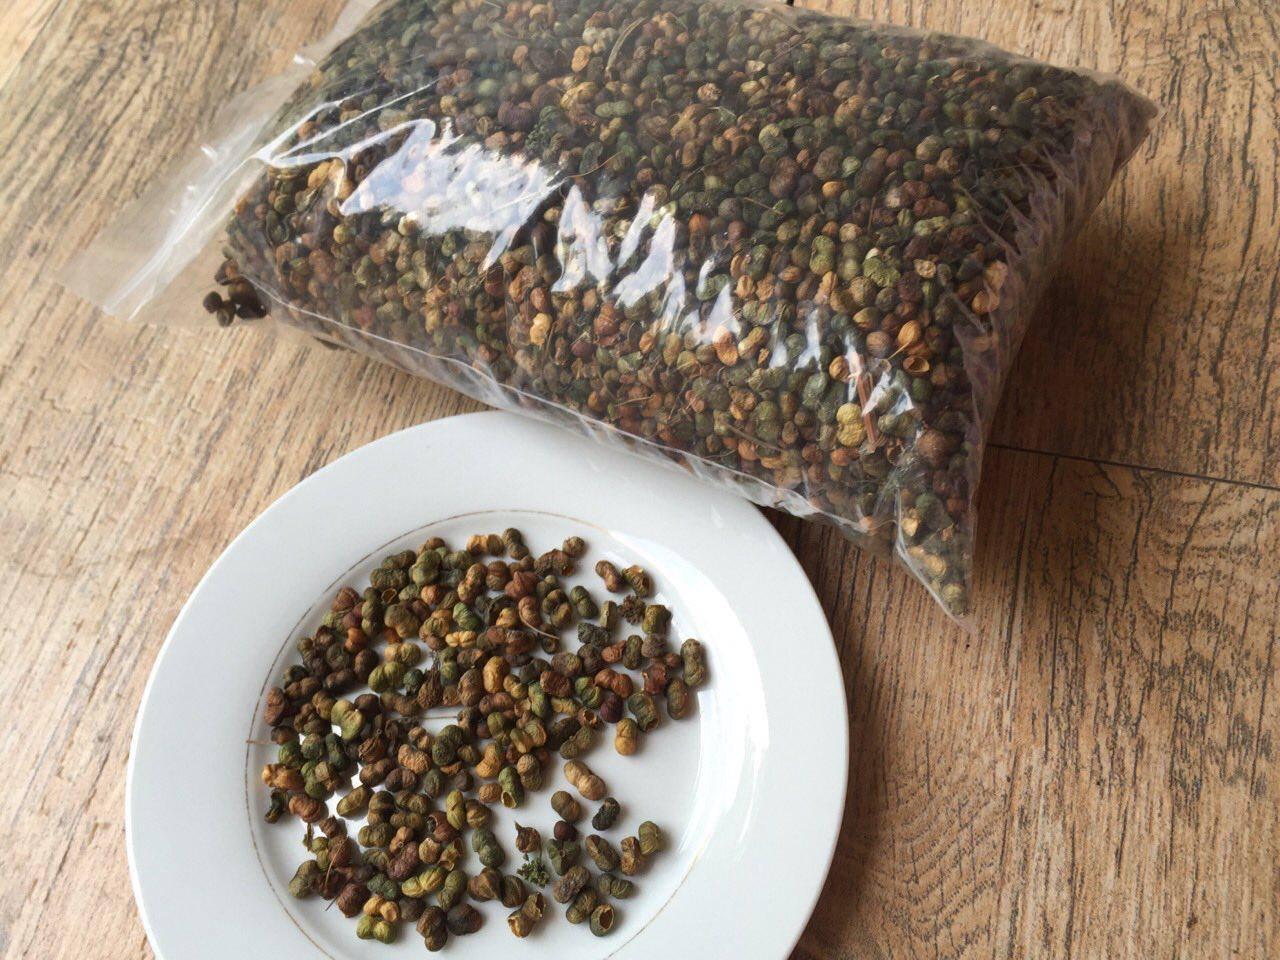 Quả tam thất sau khi được phơi khô, dùng để pha trà